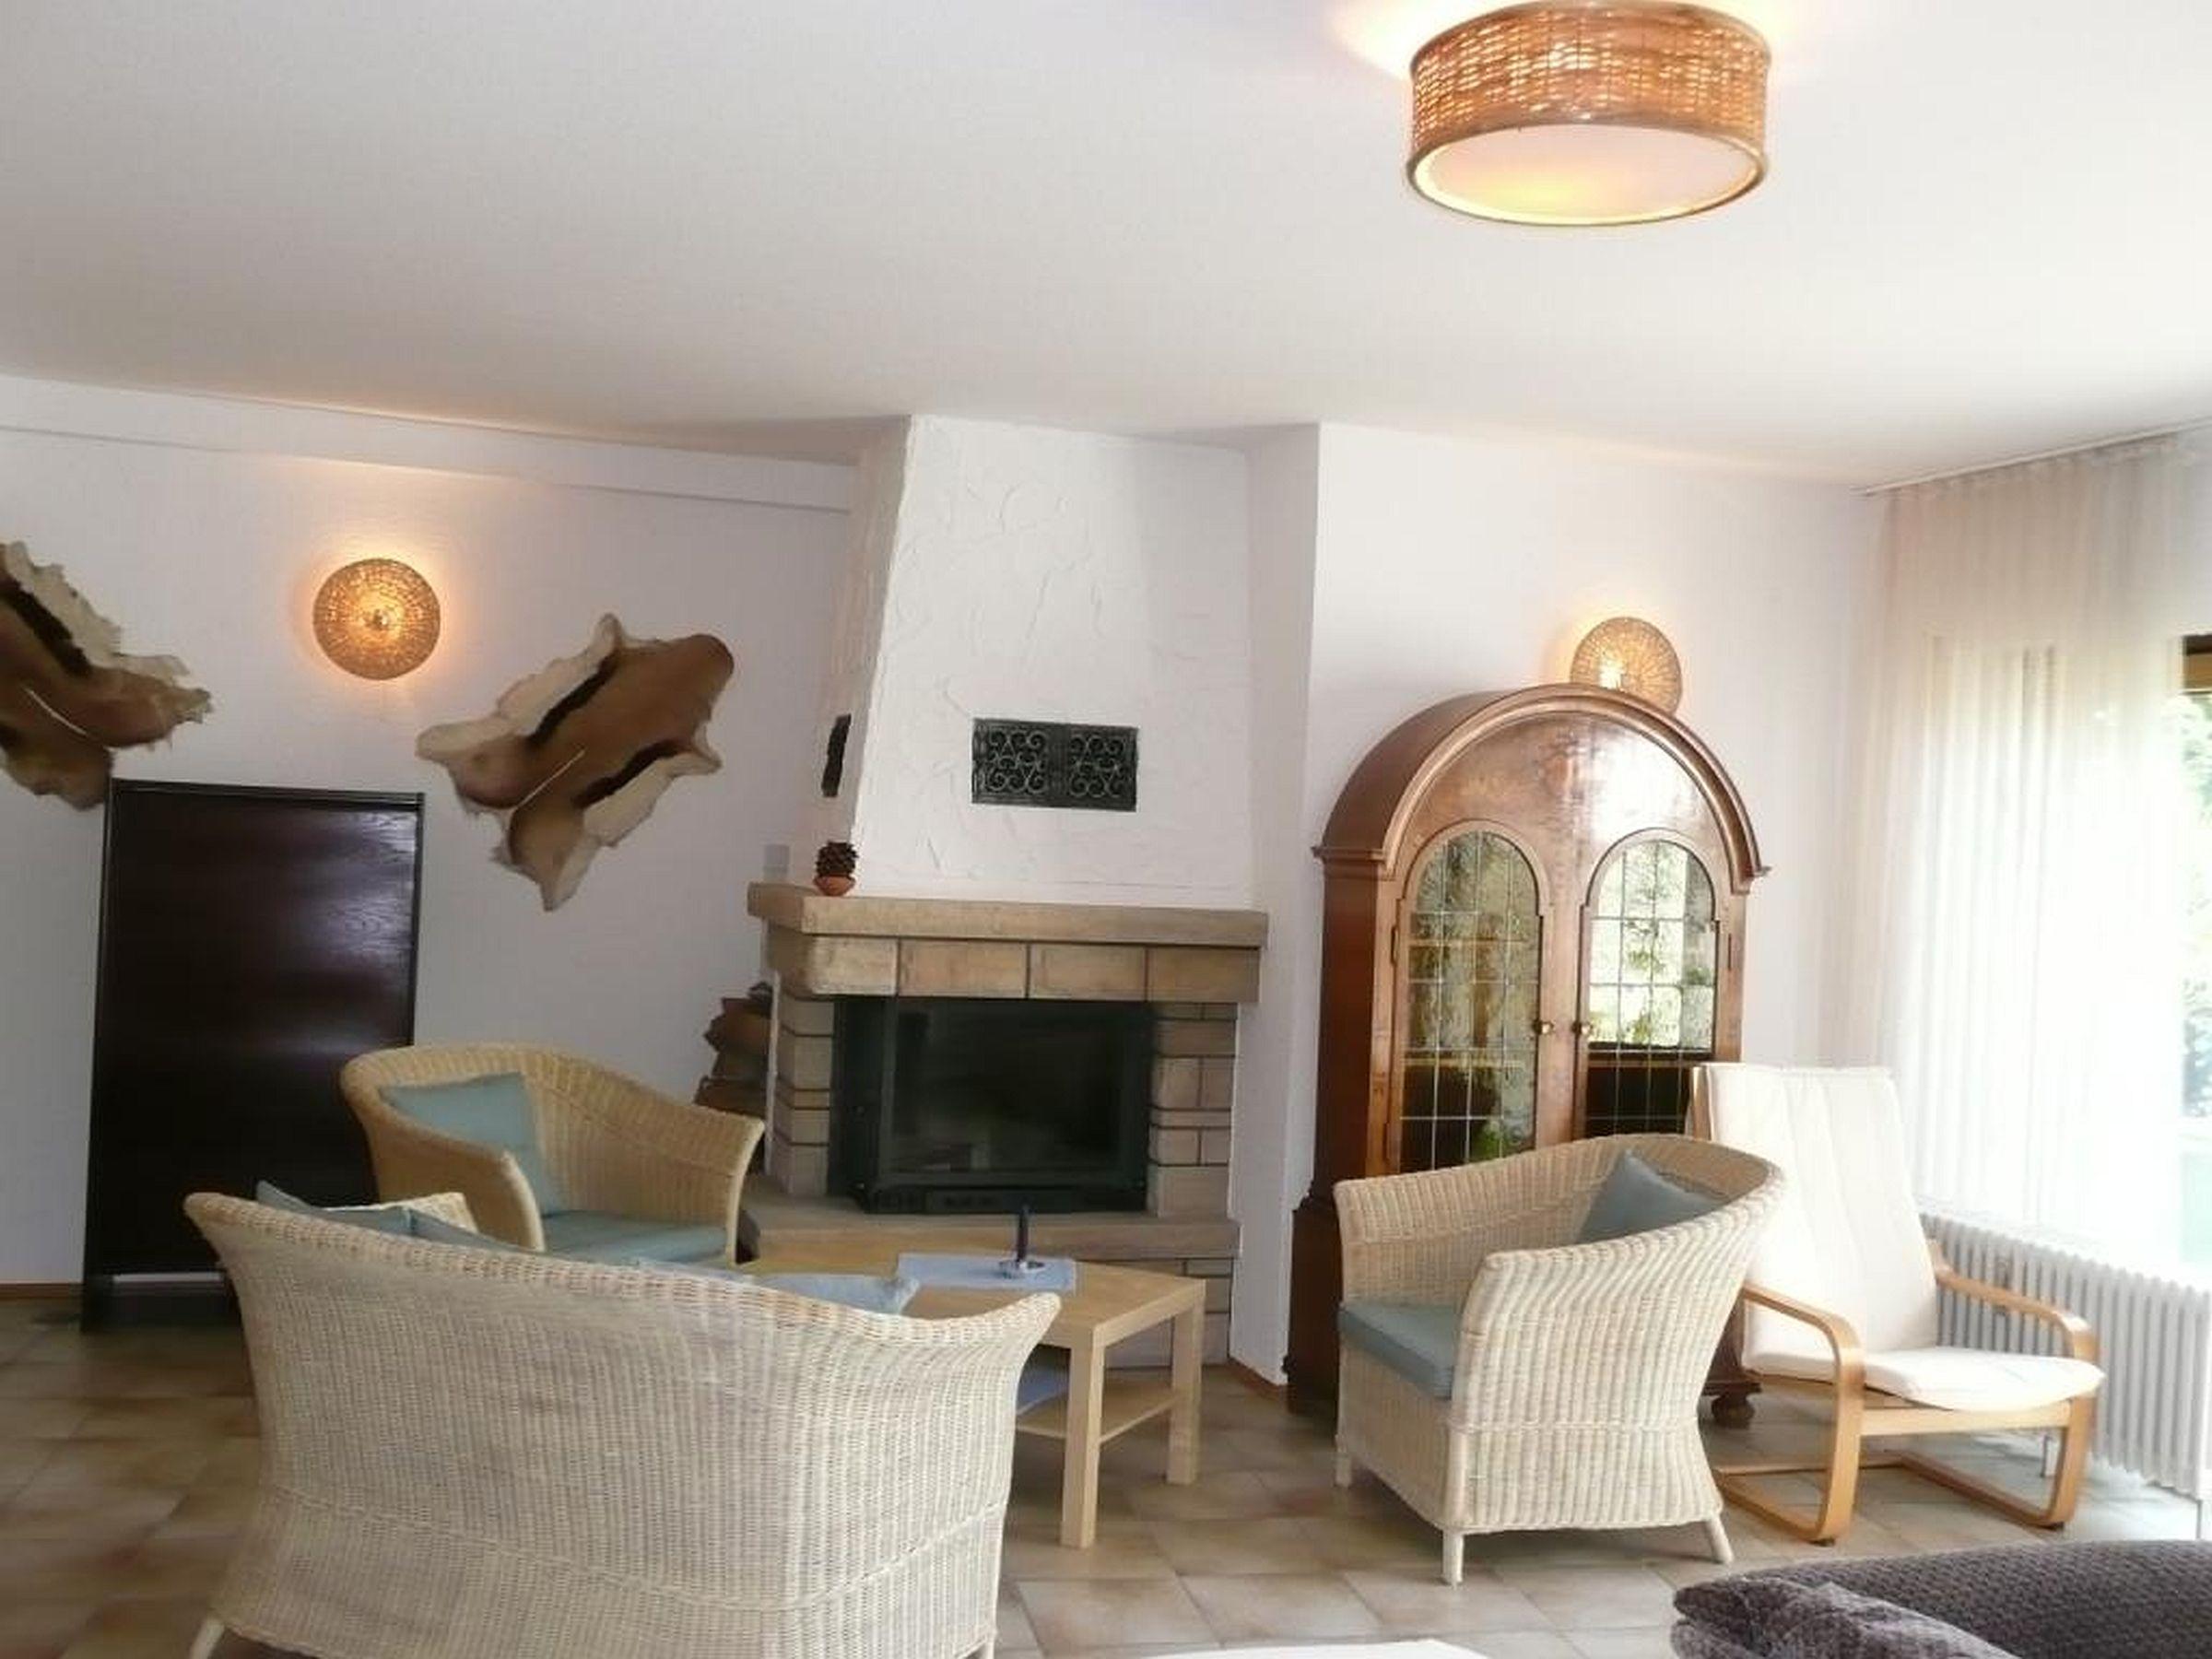 apartment am ottelsberg sinsheim apartment 50qm 1 wohn schlafzimmer max 3 personen. Black Bedroom Furniture Sets. Home Design Ideas